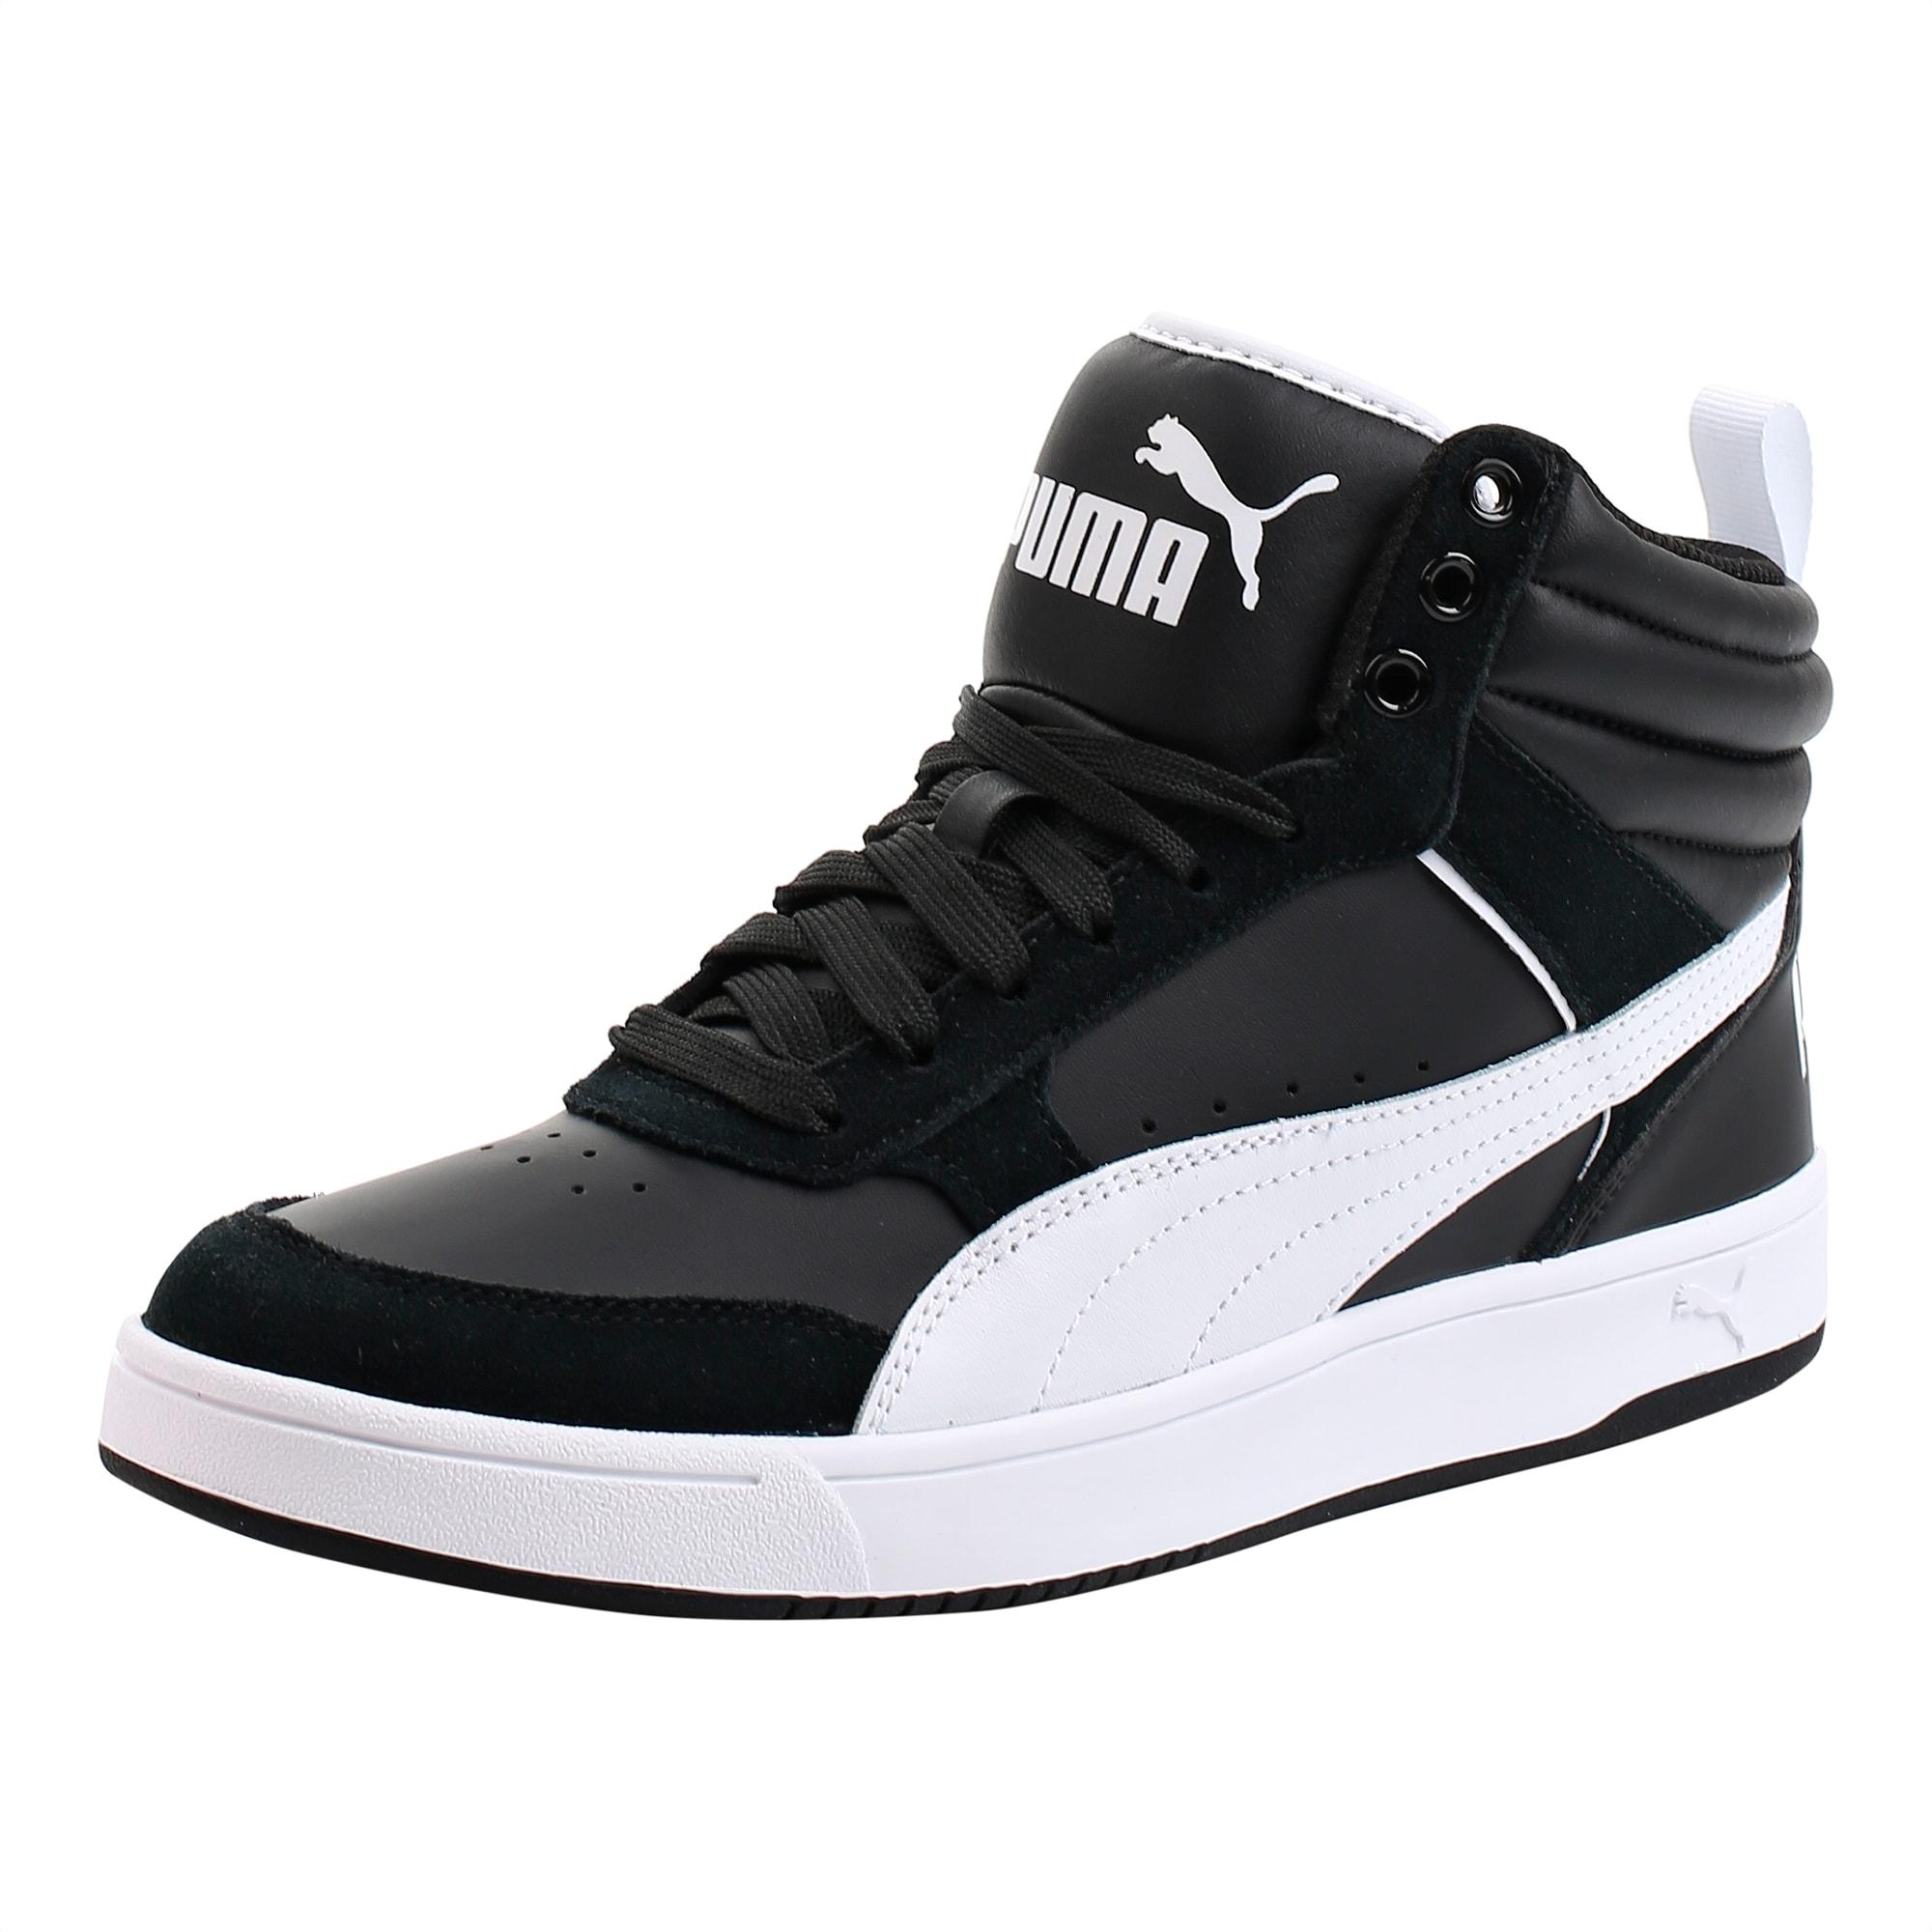 Puma Rebound Street v2 Sneakers